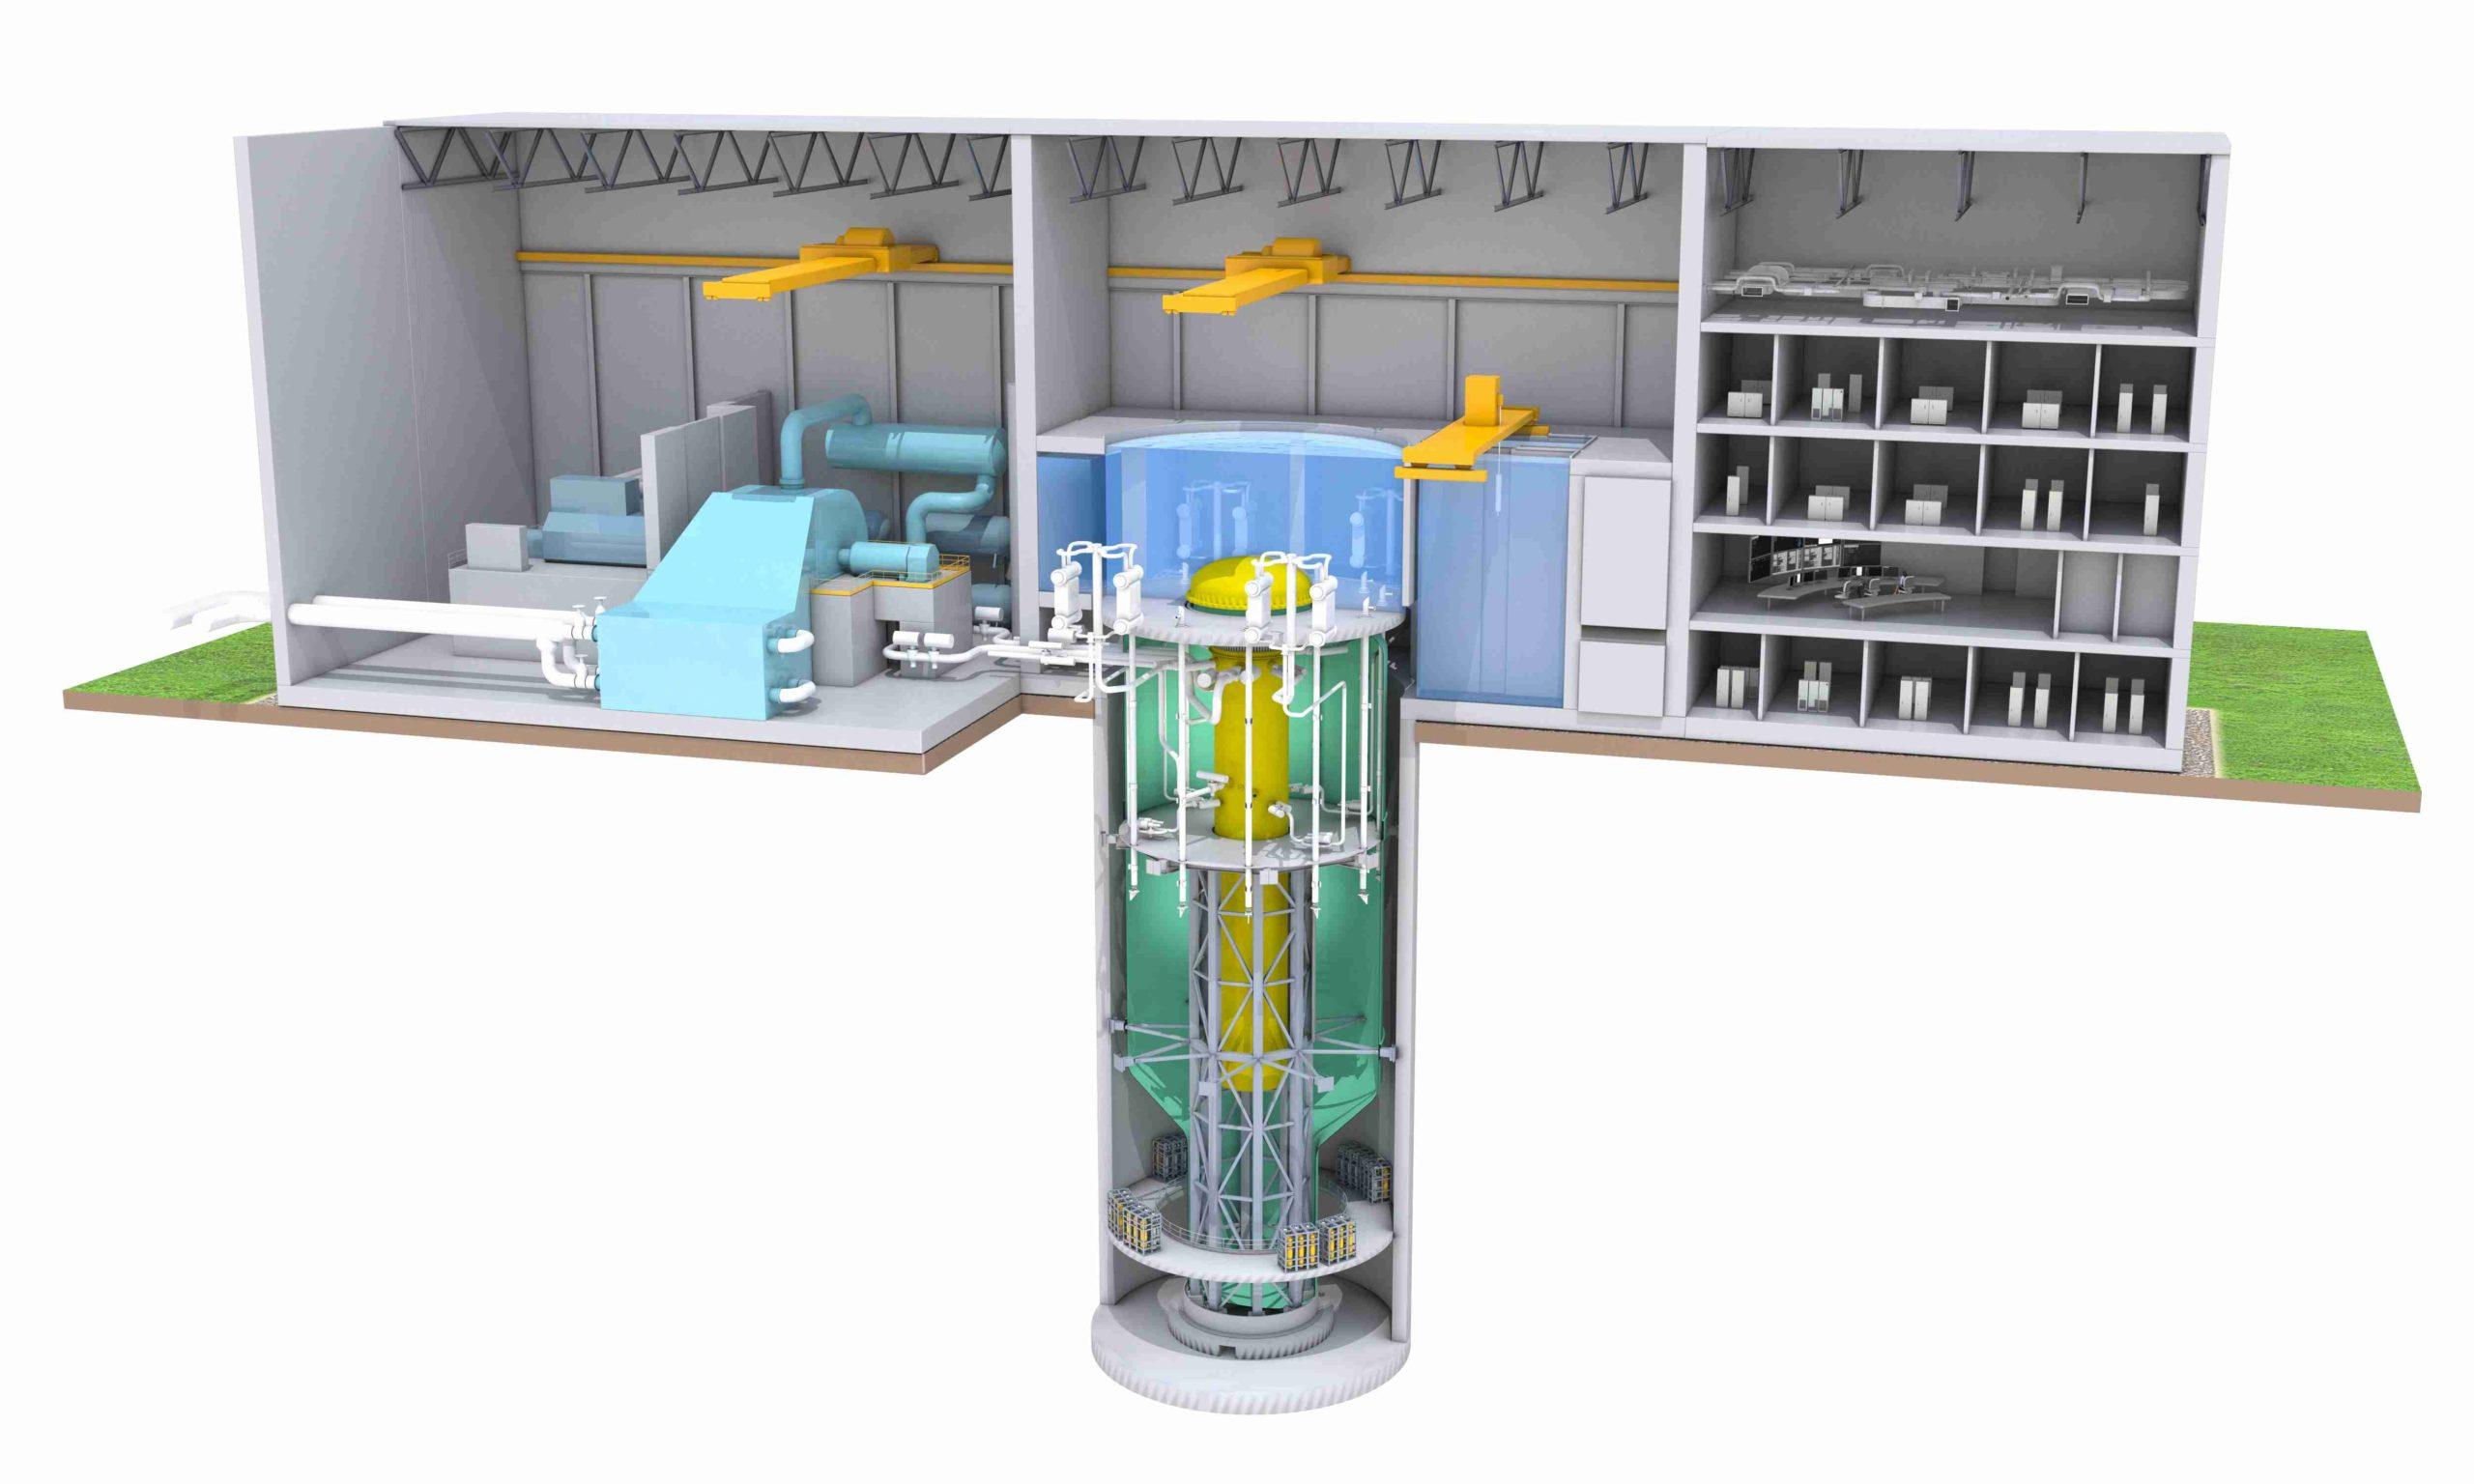 jaderná energie - Společnost GE Hitachi pokročila v licencování malého reaktoru BWRX-300 - Inovativní reaktory (BWRX 300 Plant Cutaway web 1 scaled) 3